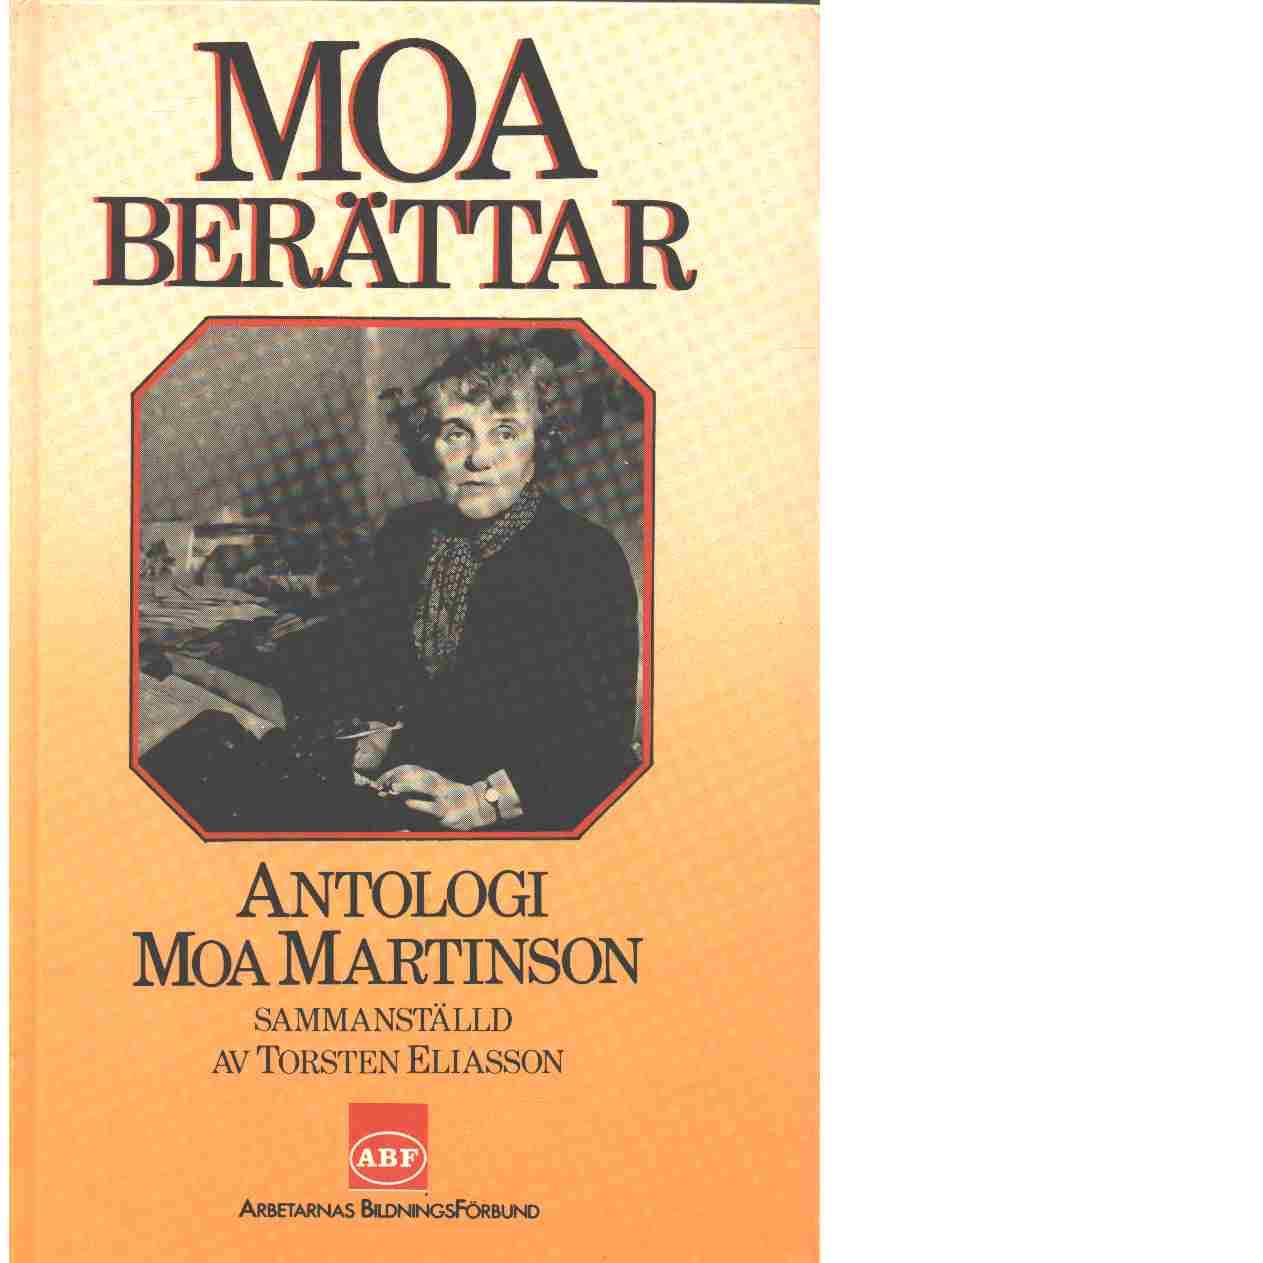 Moa berättar : antologi - Martinson, Moa